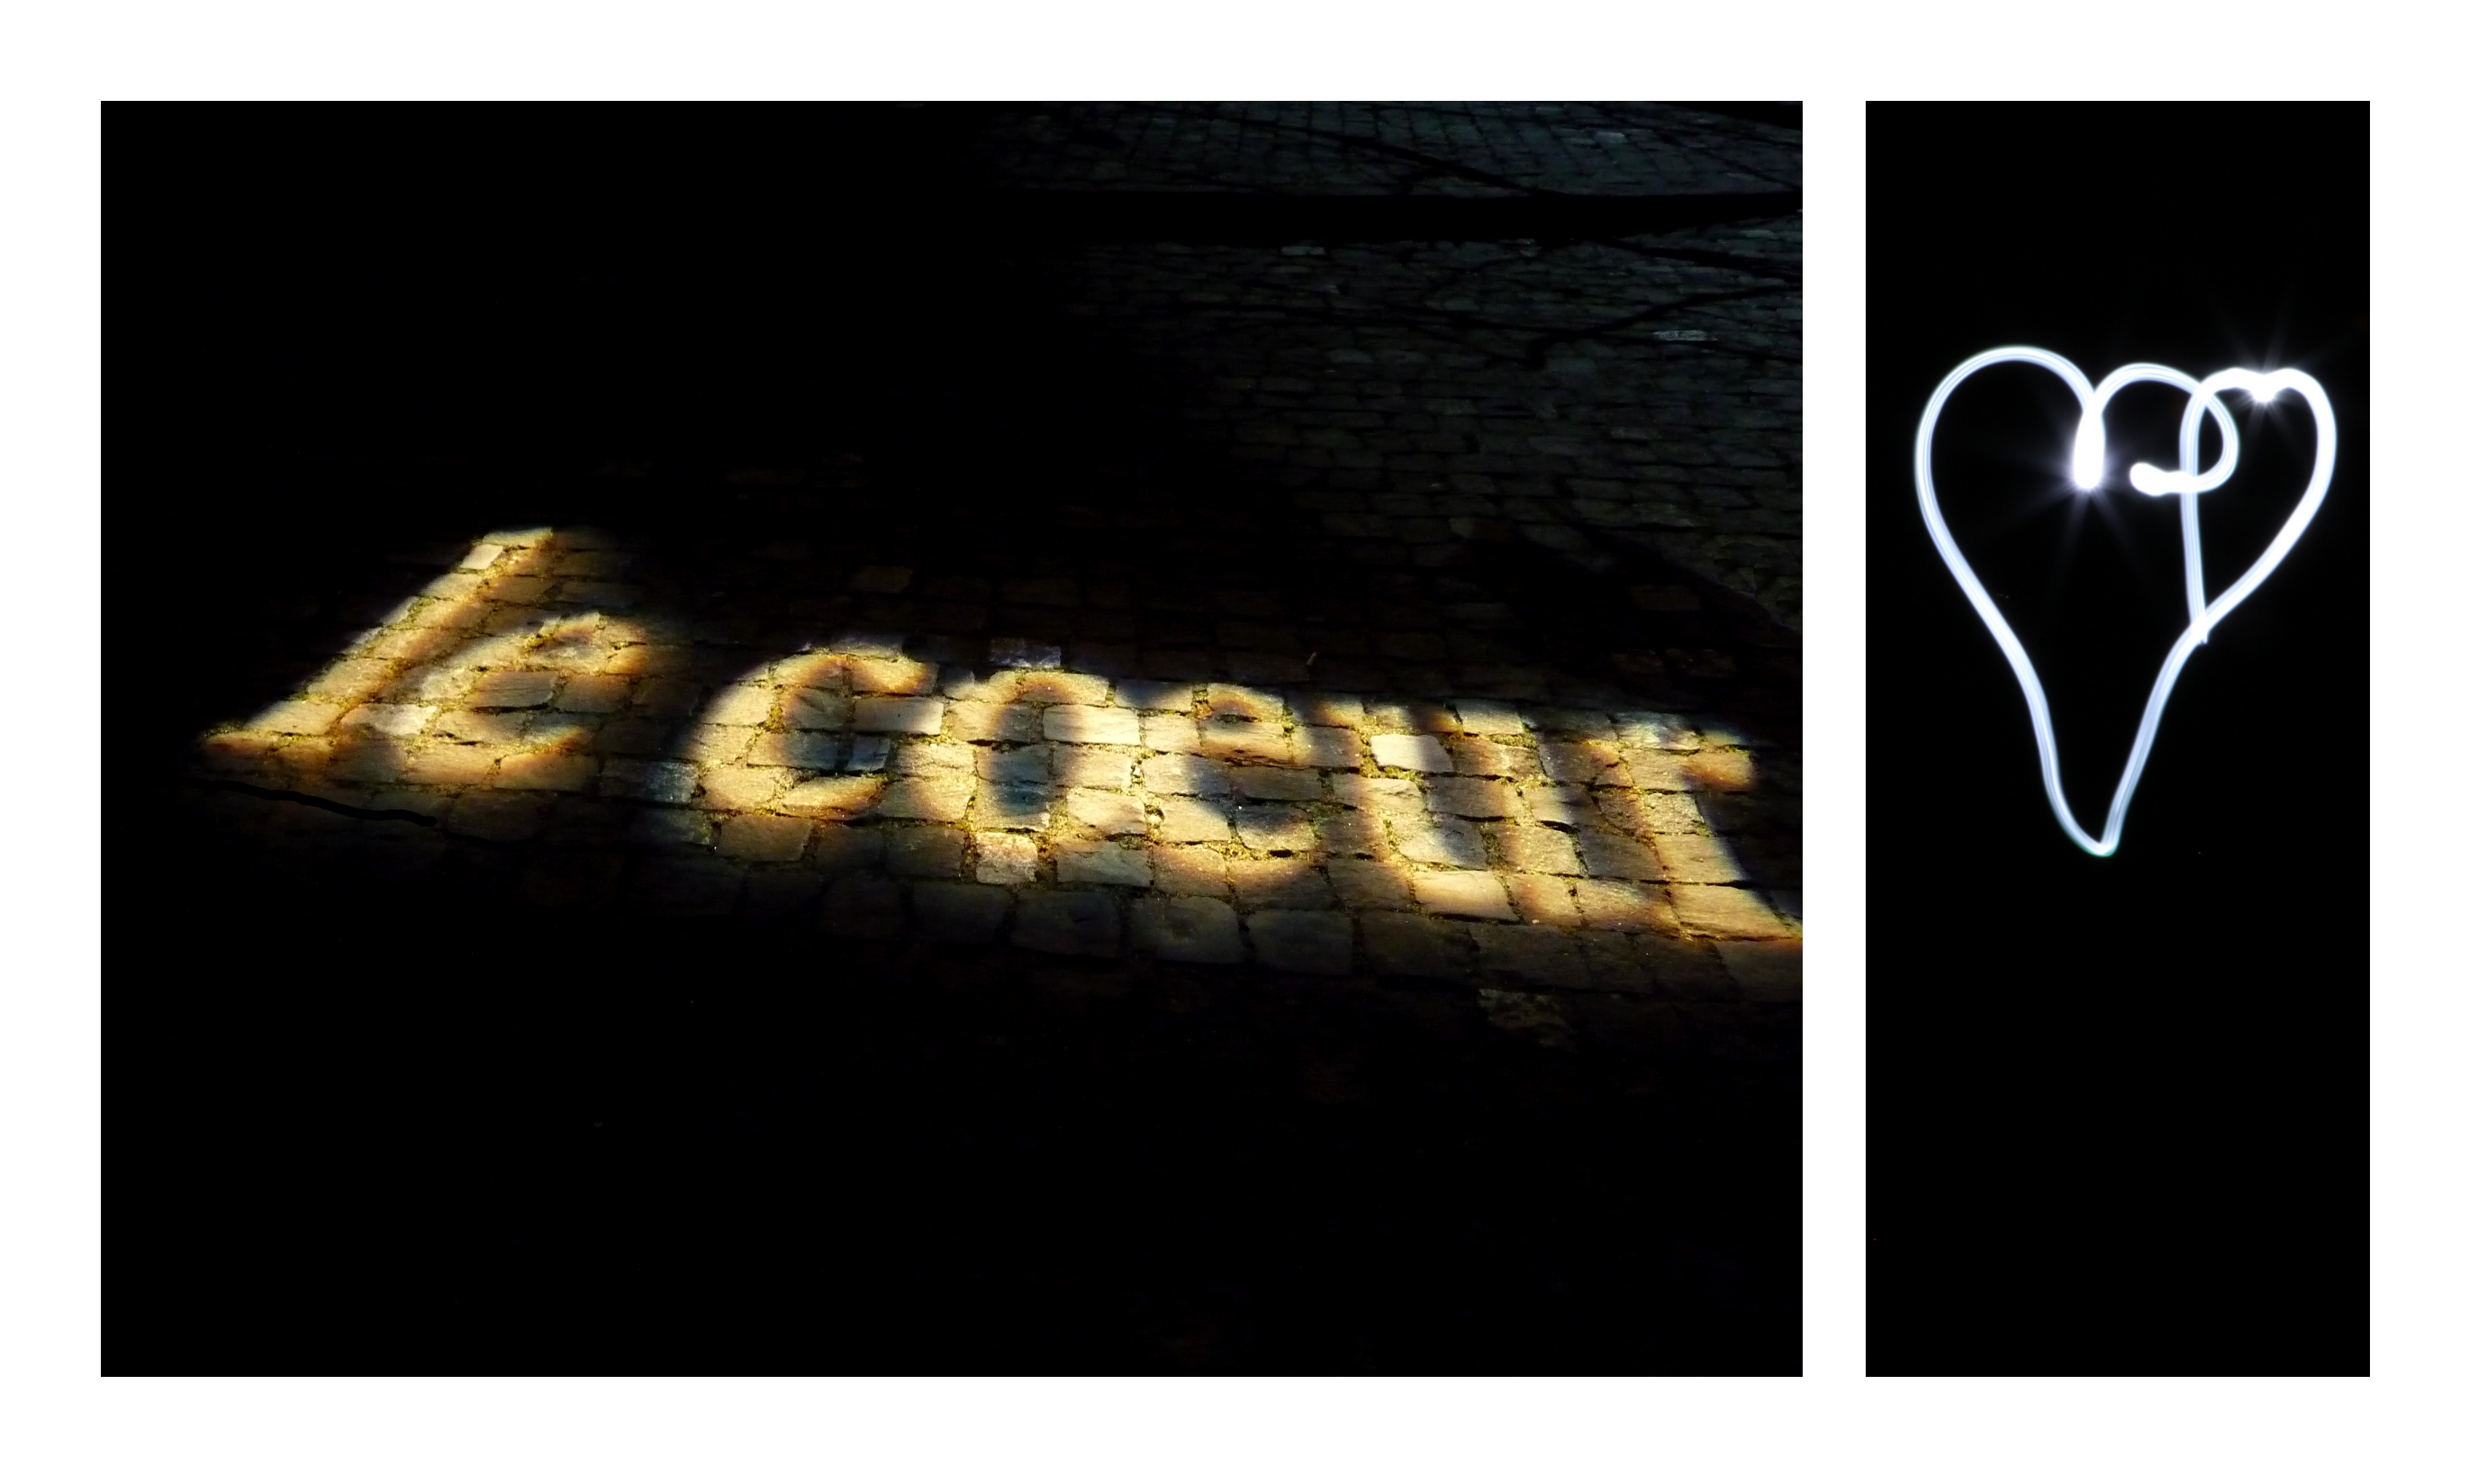 diptyque avec une image représentant le mot coeur photographié de nuit sur des pavés et l'autre un coeur en lightpainting